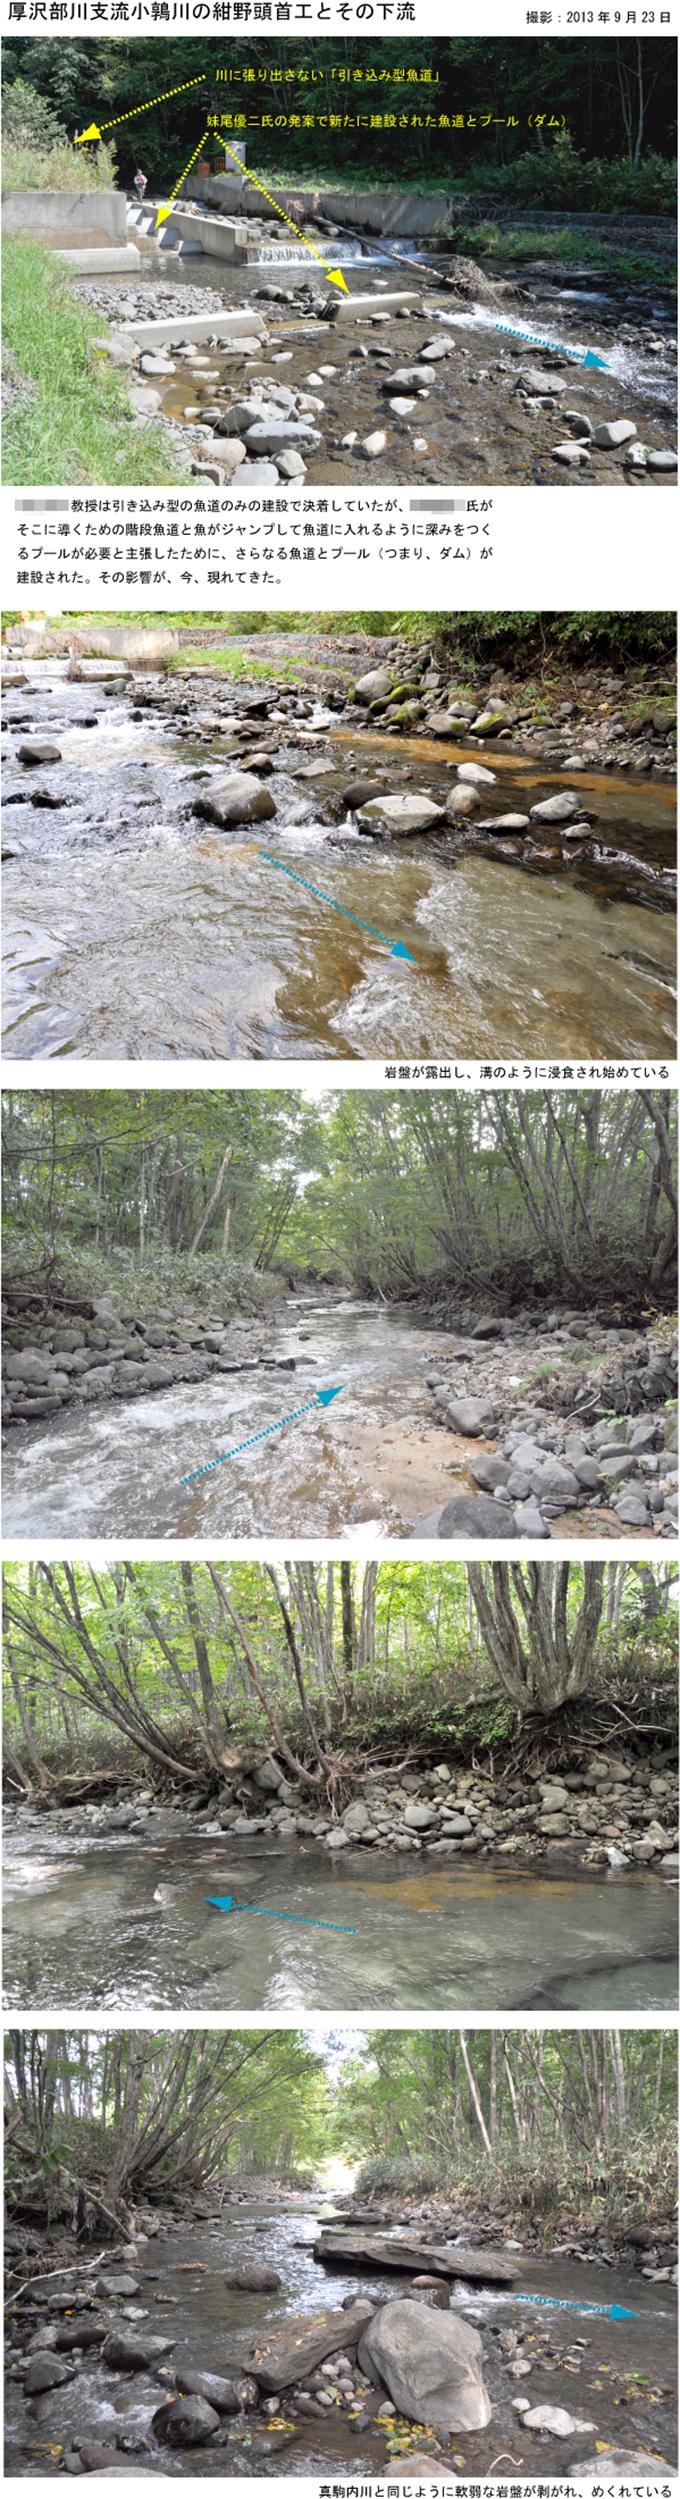 2013-09-23・小鶉川頭首工下流で岩盤が露出し始めた